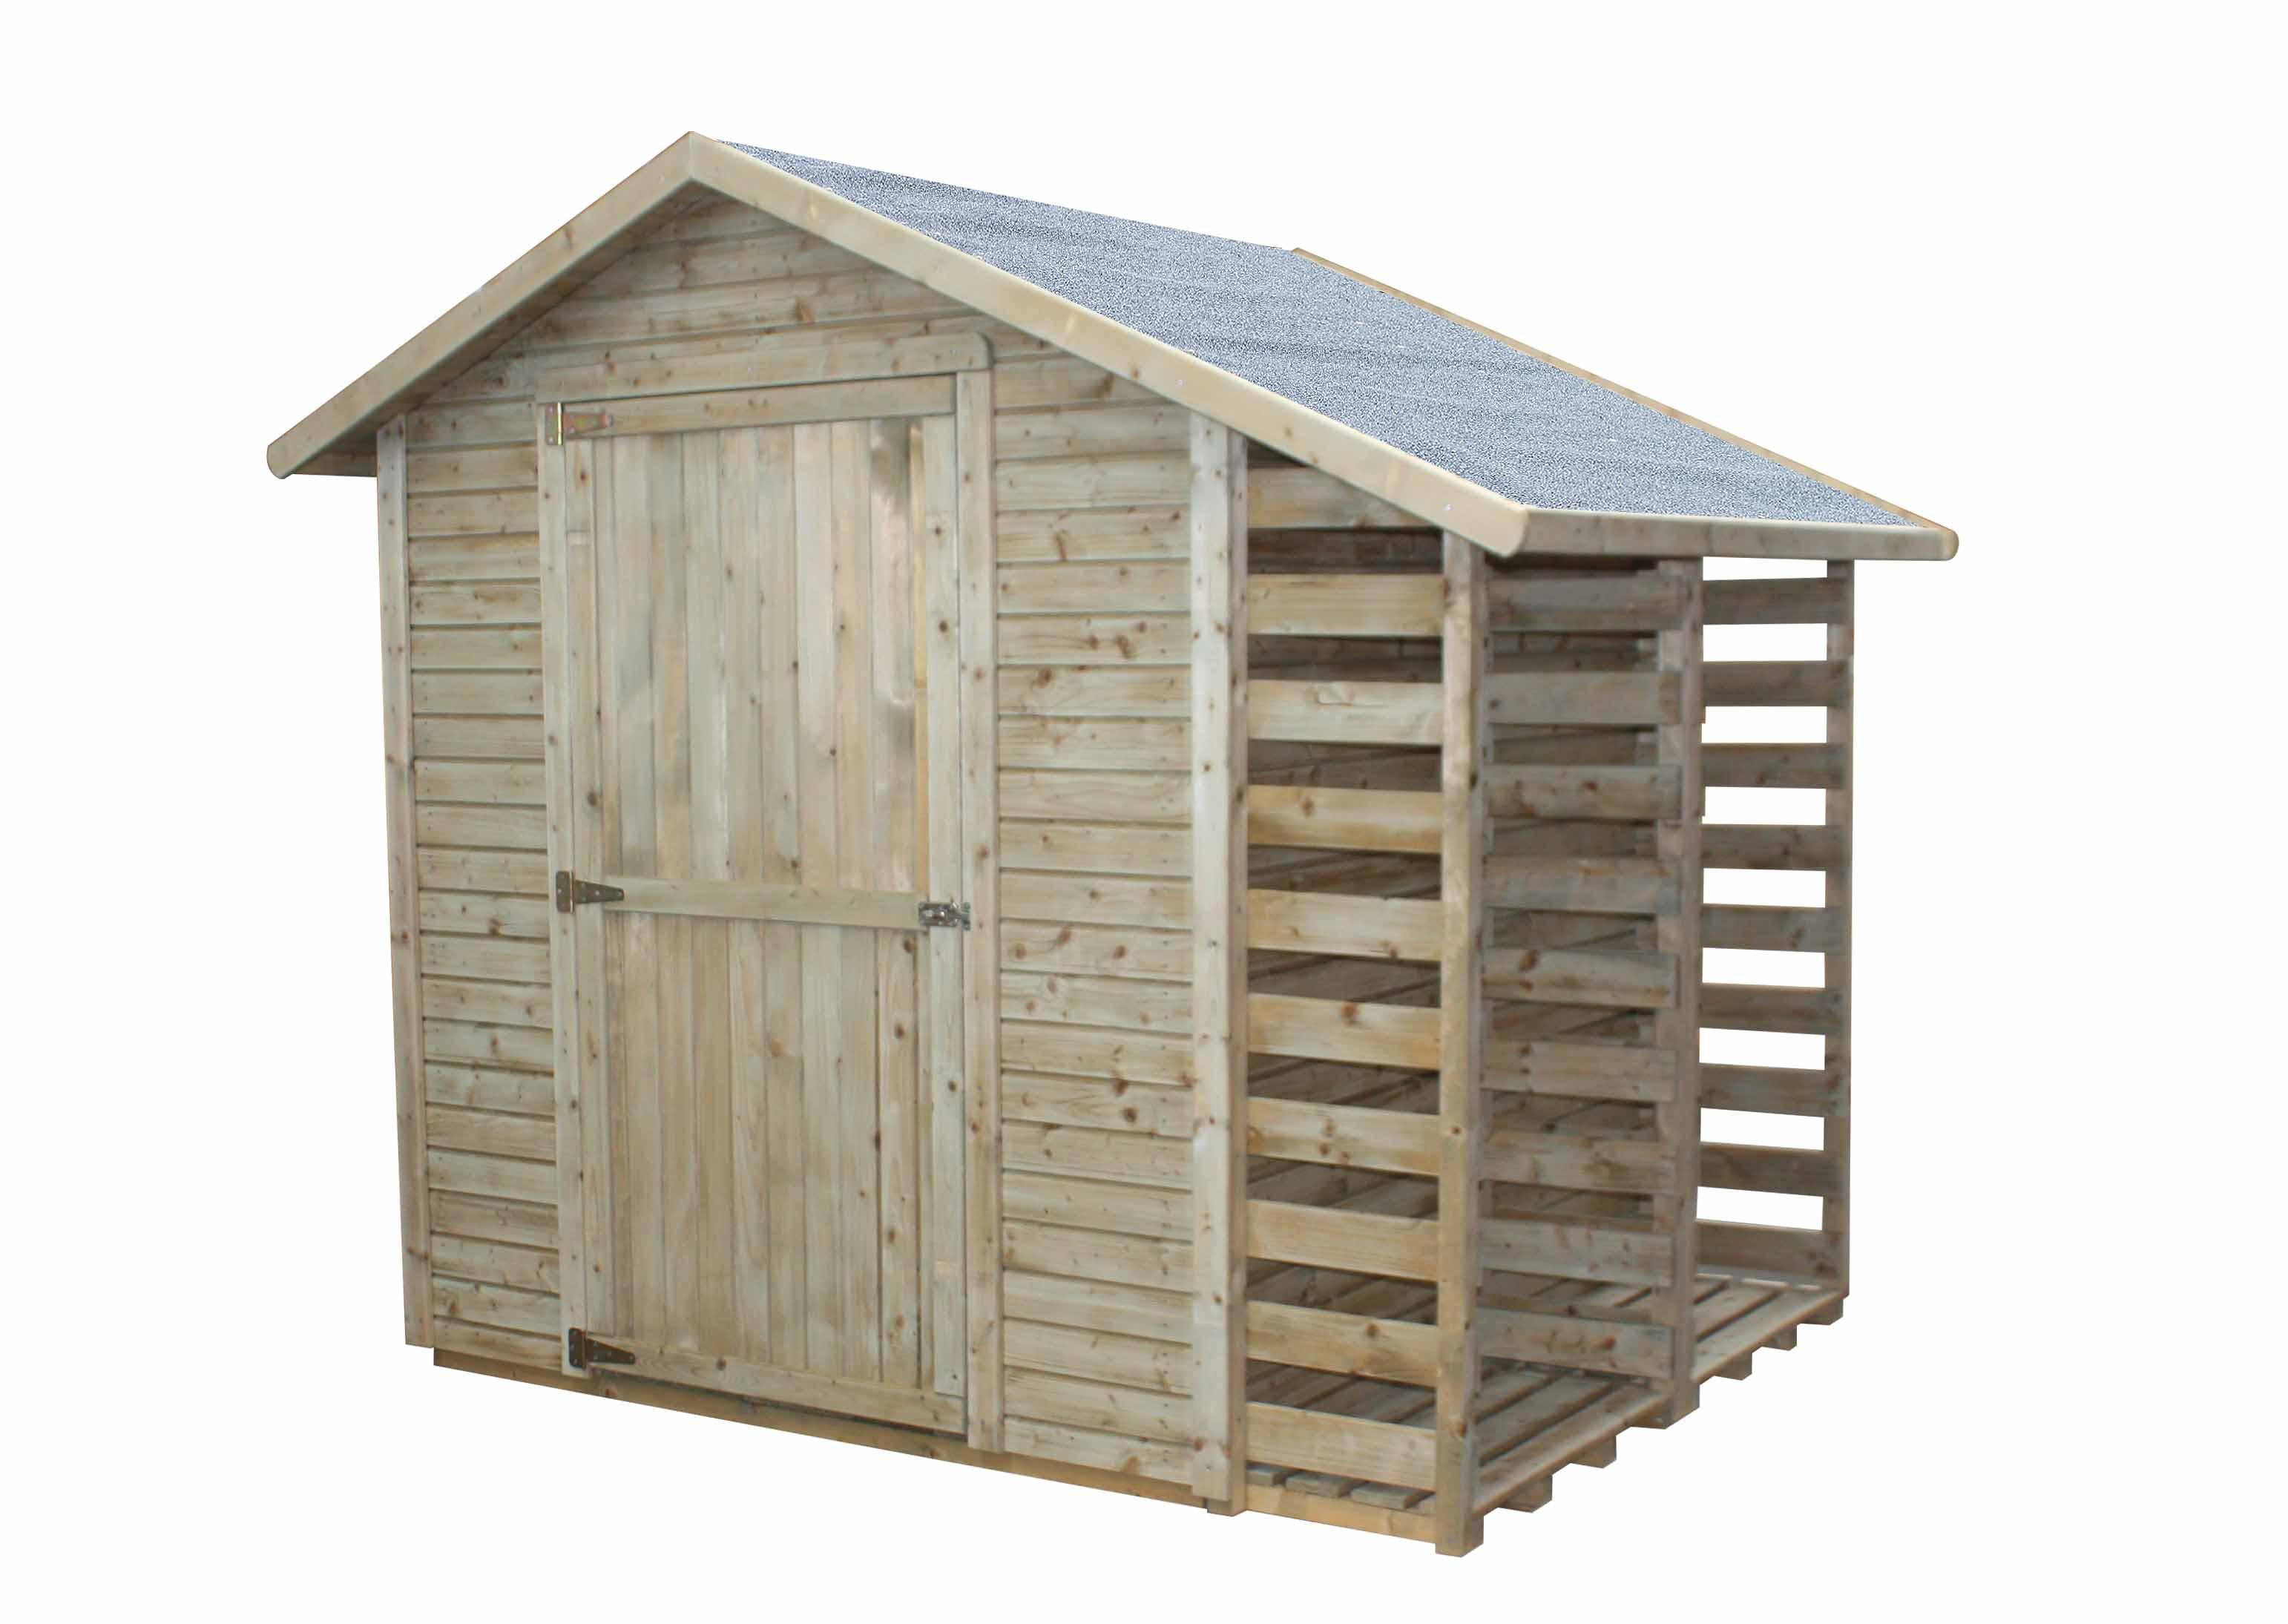 Zahradní domek s přístavkem na palivové dřevo